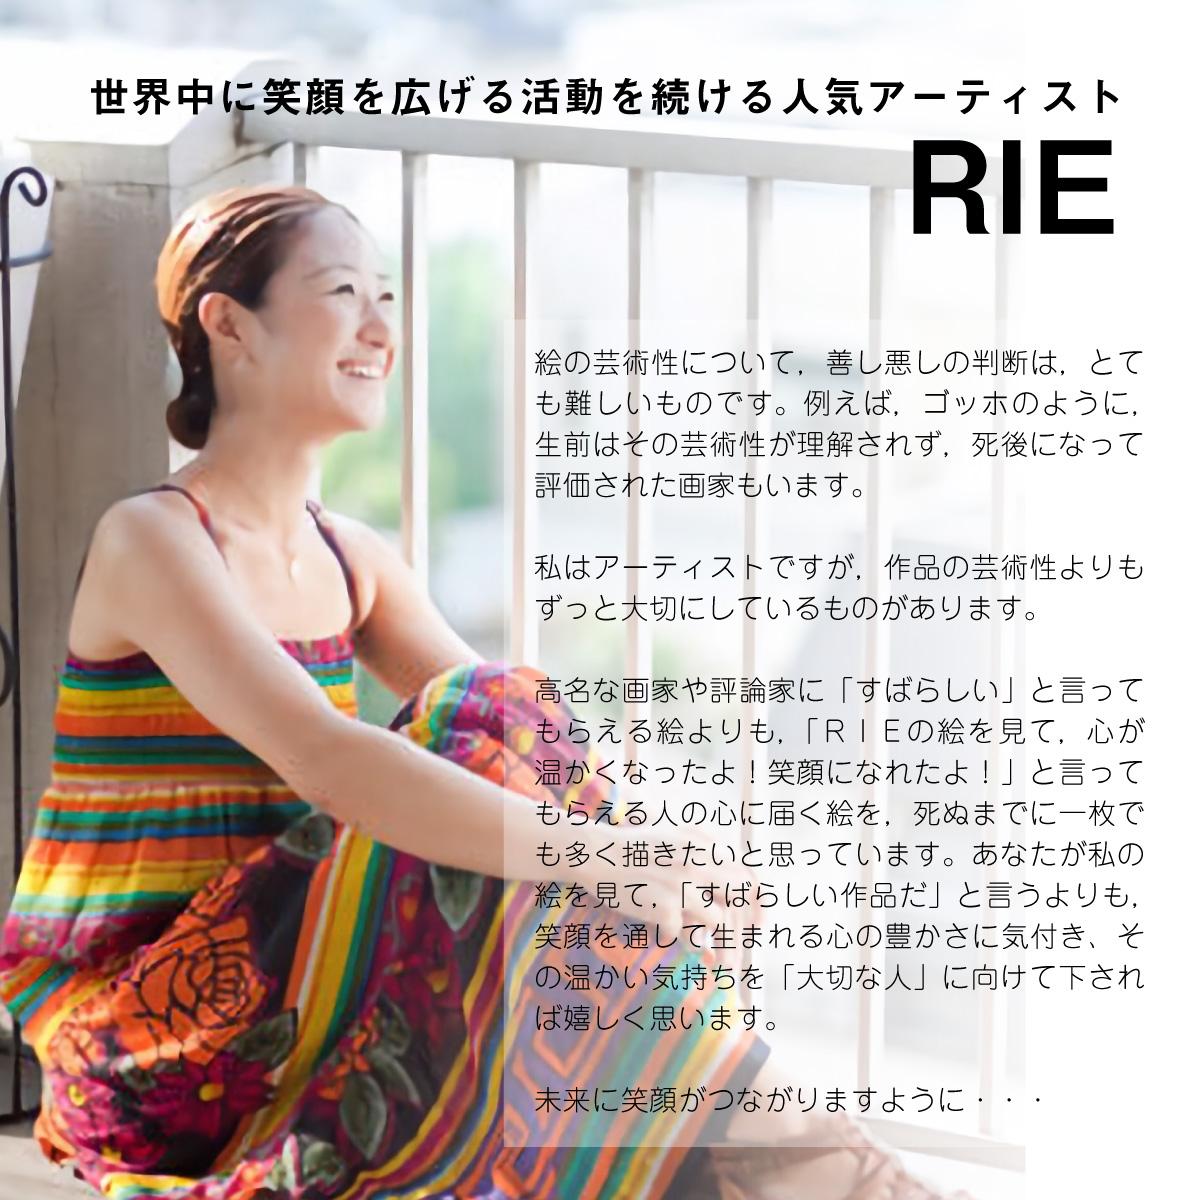 RIEの『AMABIE』A3アートフレーム判 ≫疫病退散!?妖怪アマビエの開運アート